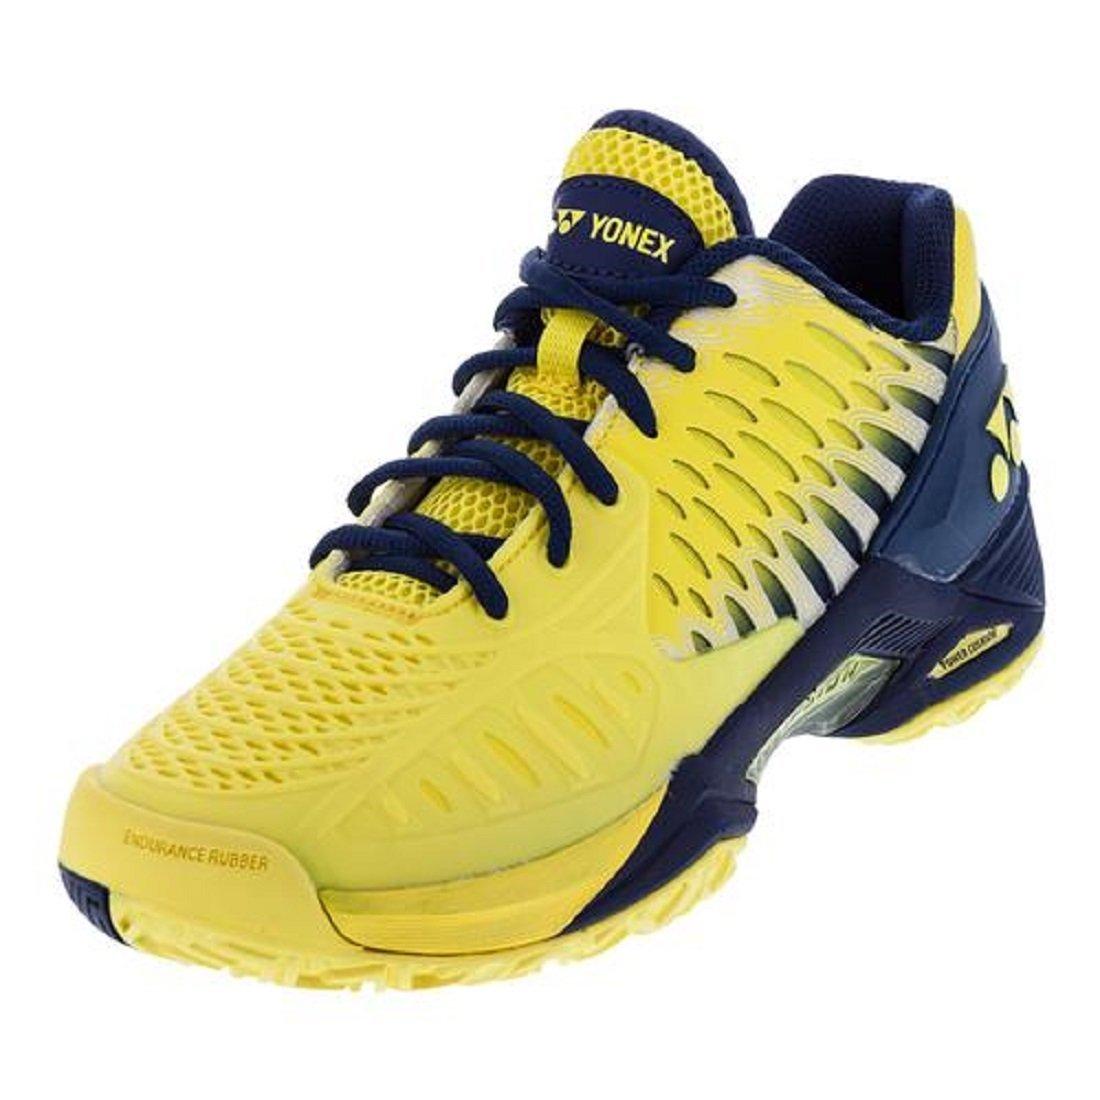 Yonex Power Cushion Eclipsion All Court Mens Tennis Shoe (13)